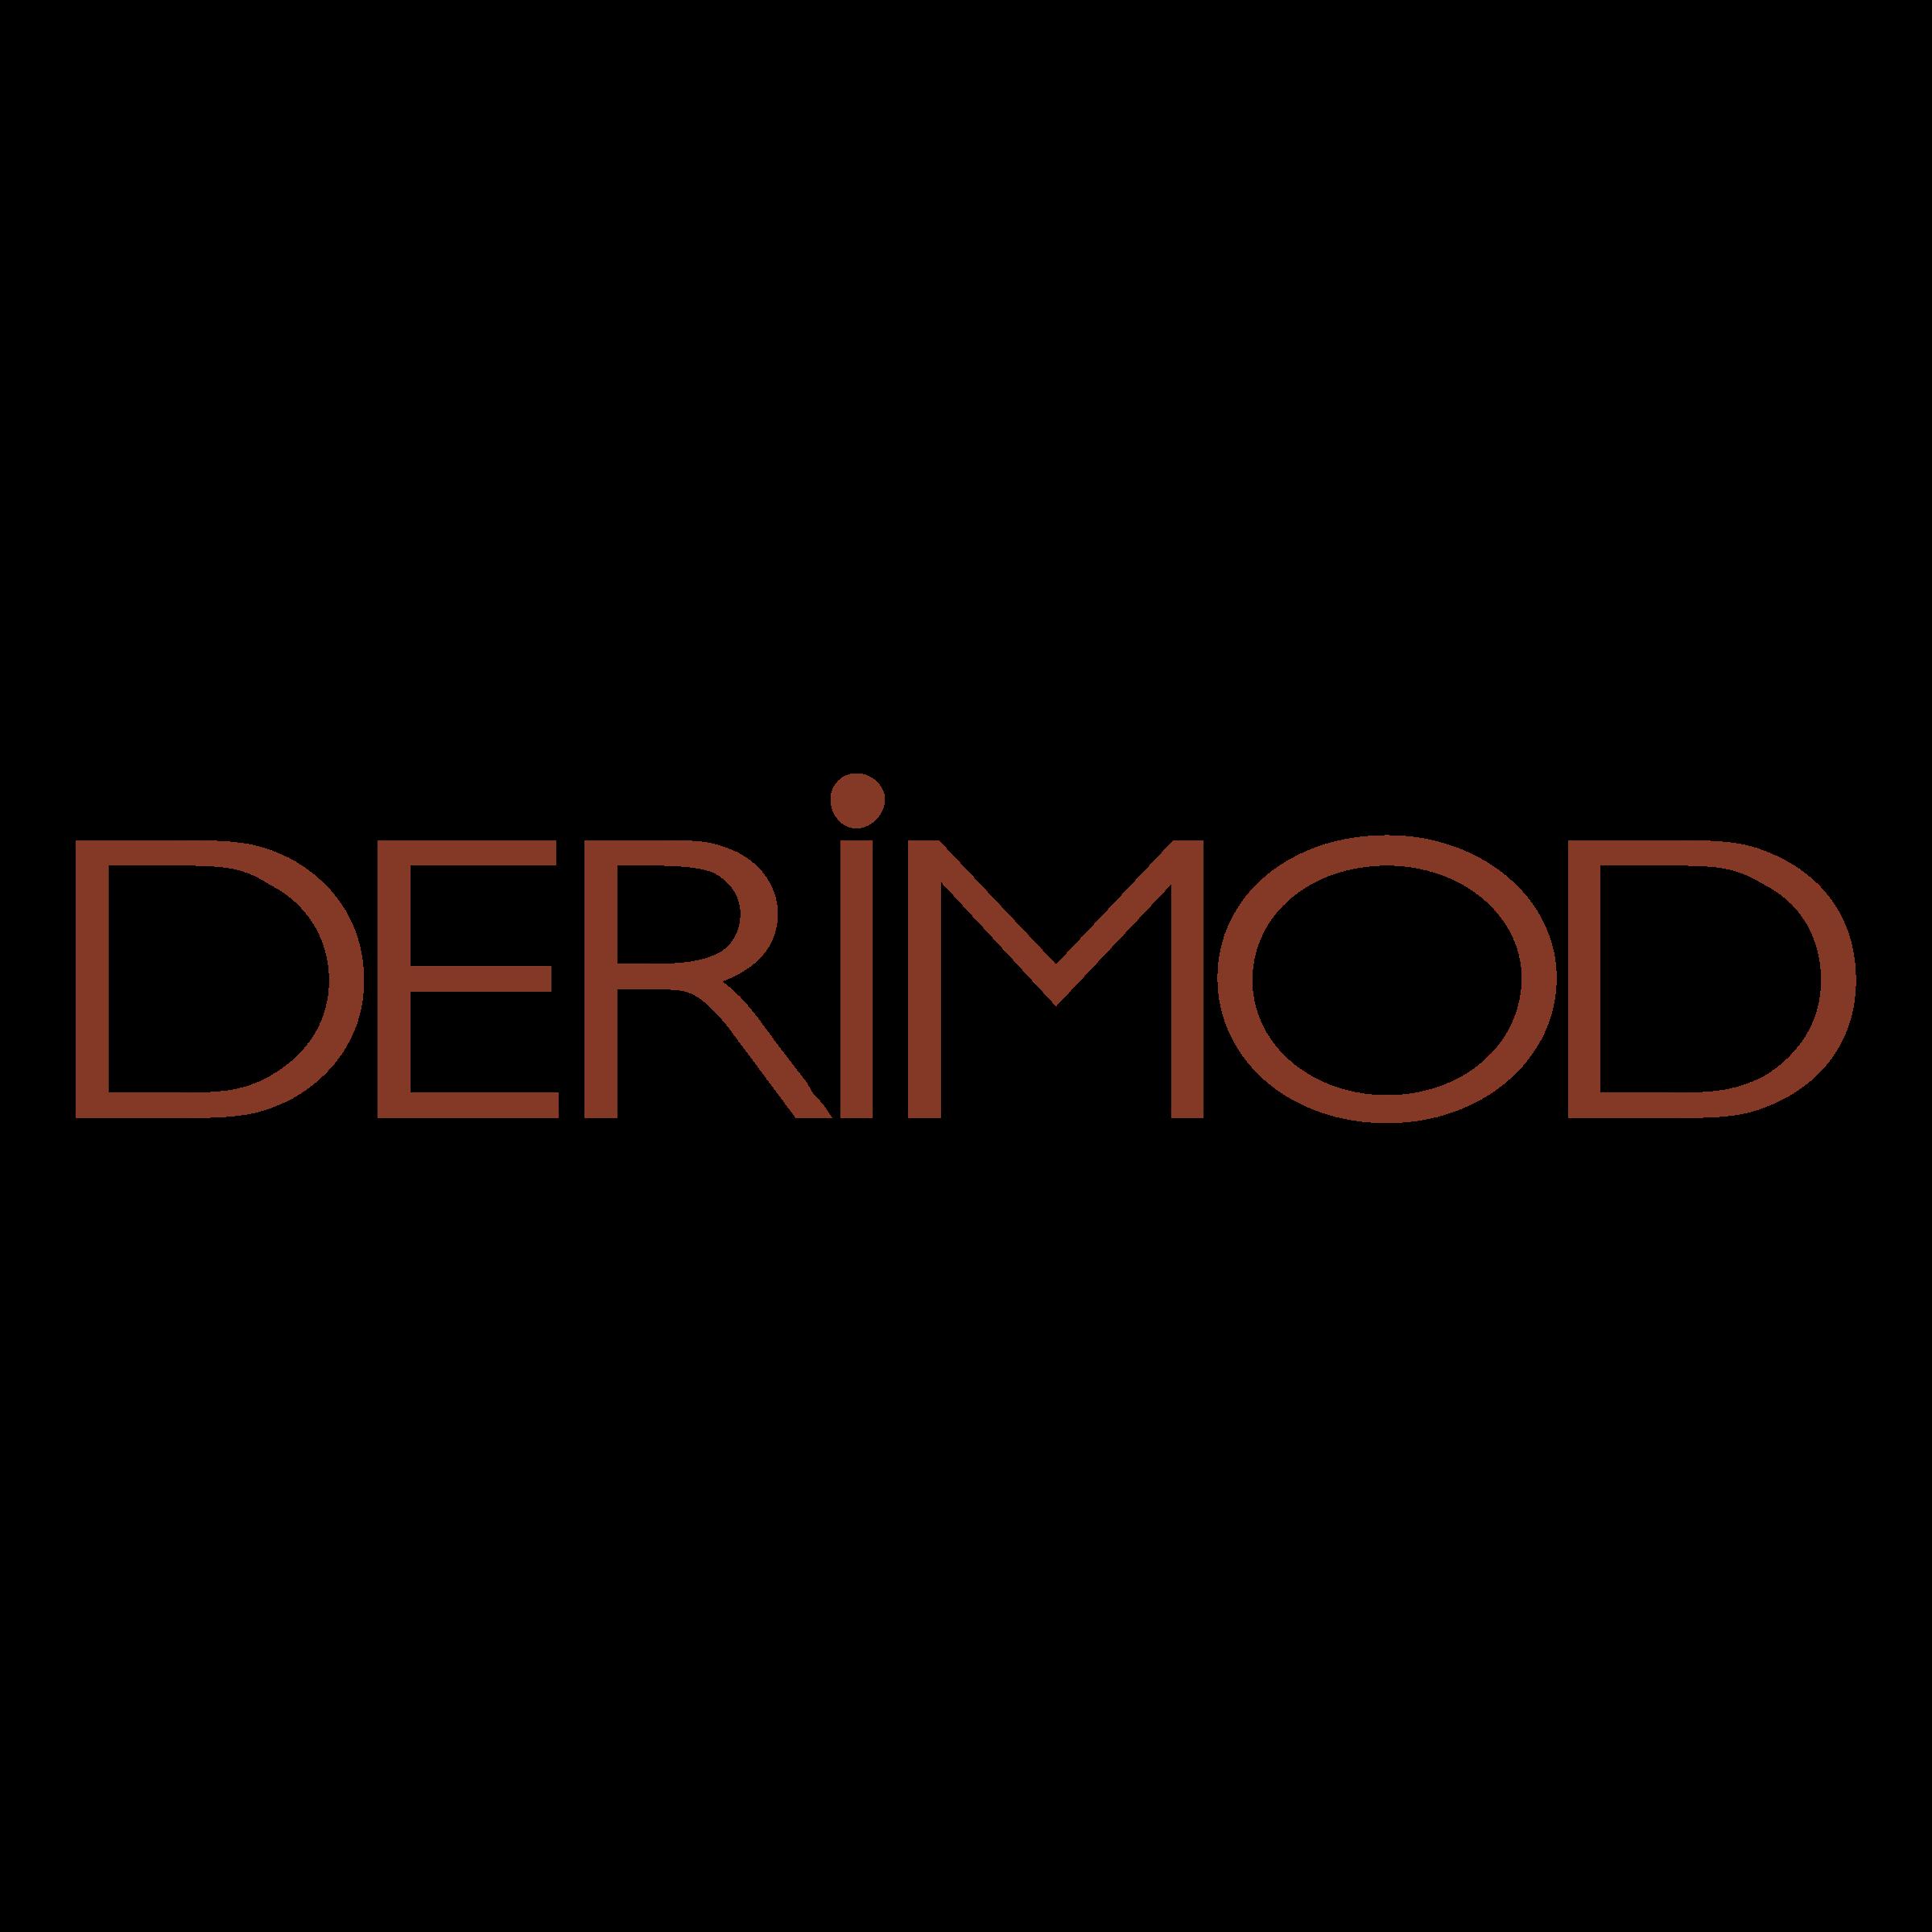 derimod.com